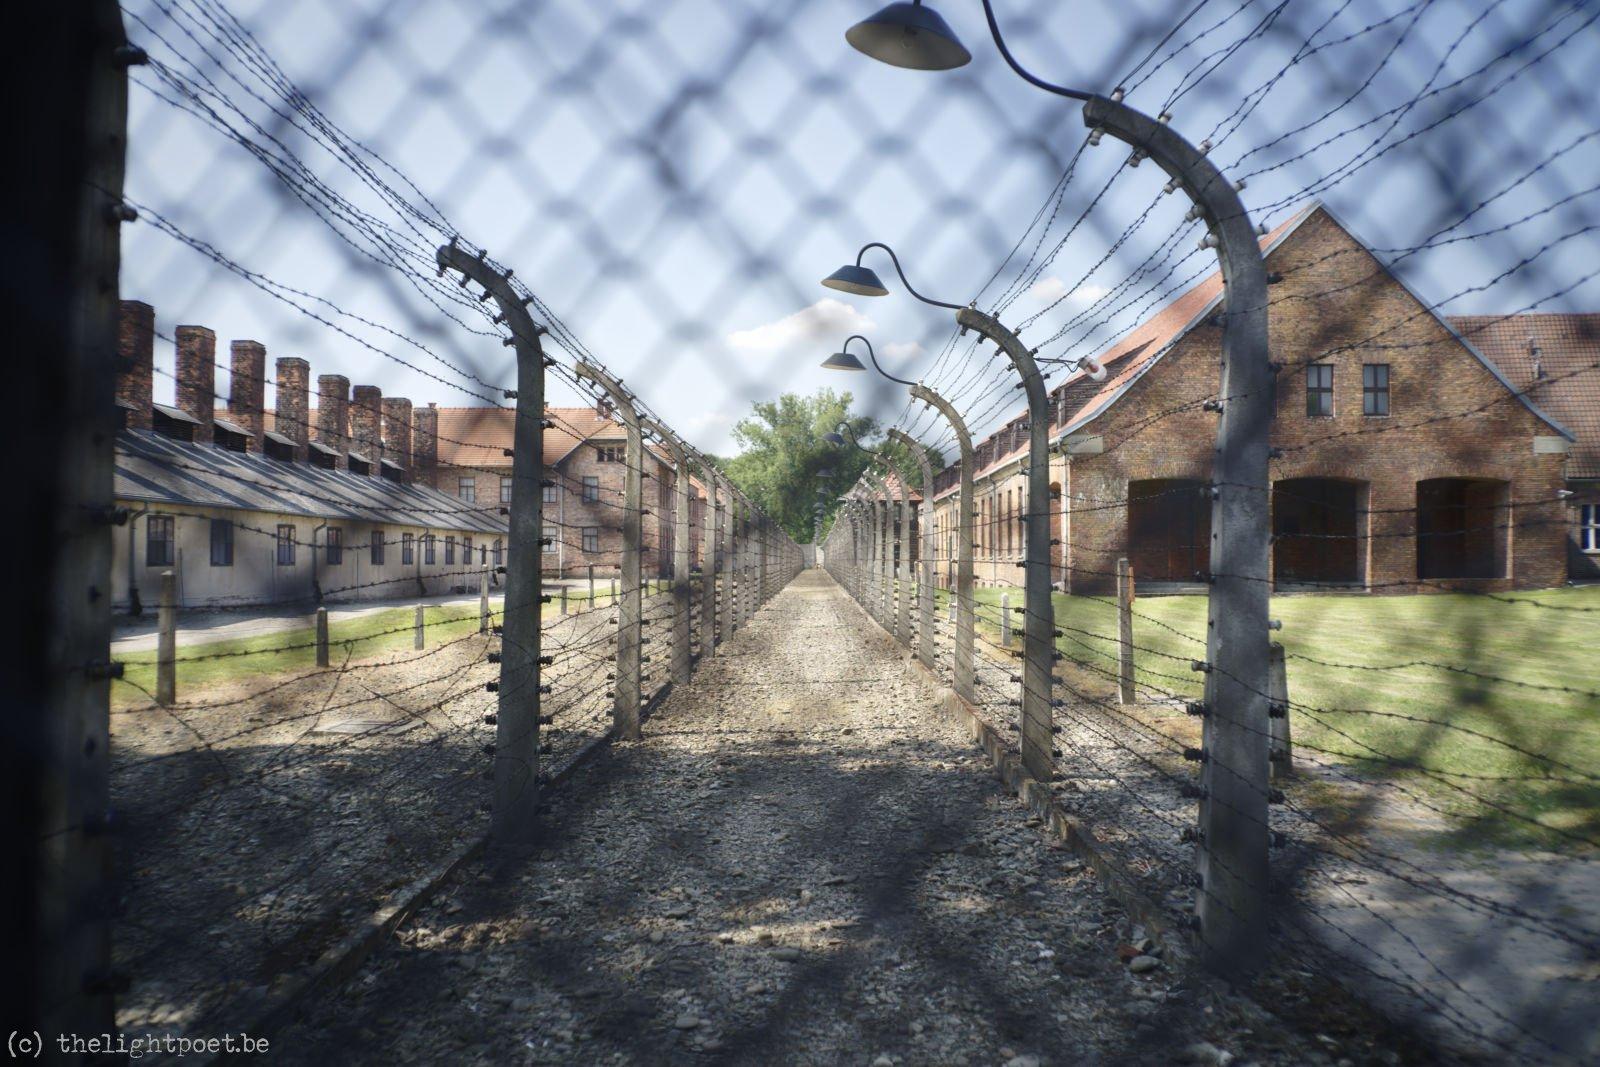 2018_06_Auschwitz_20180620_090413_DxO_PL1_1600px